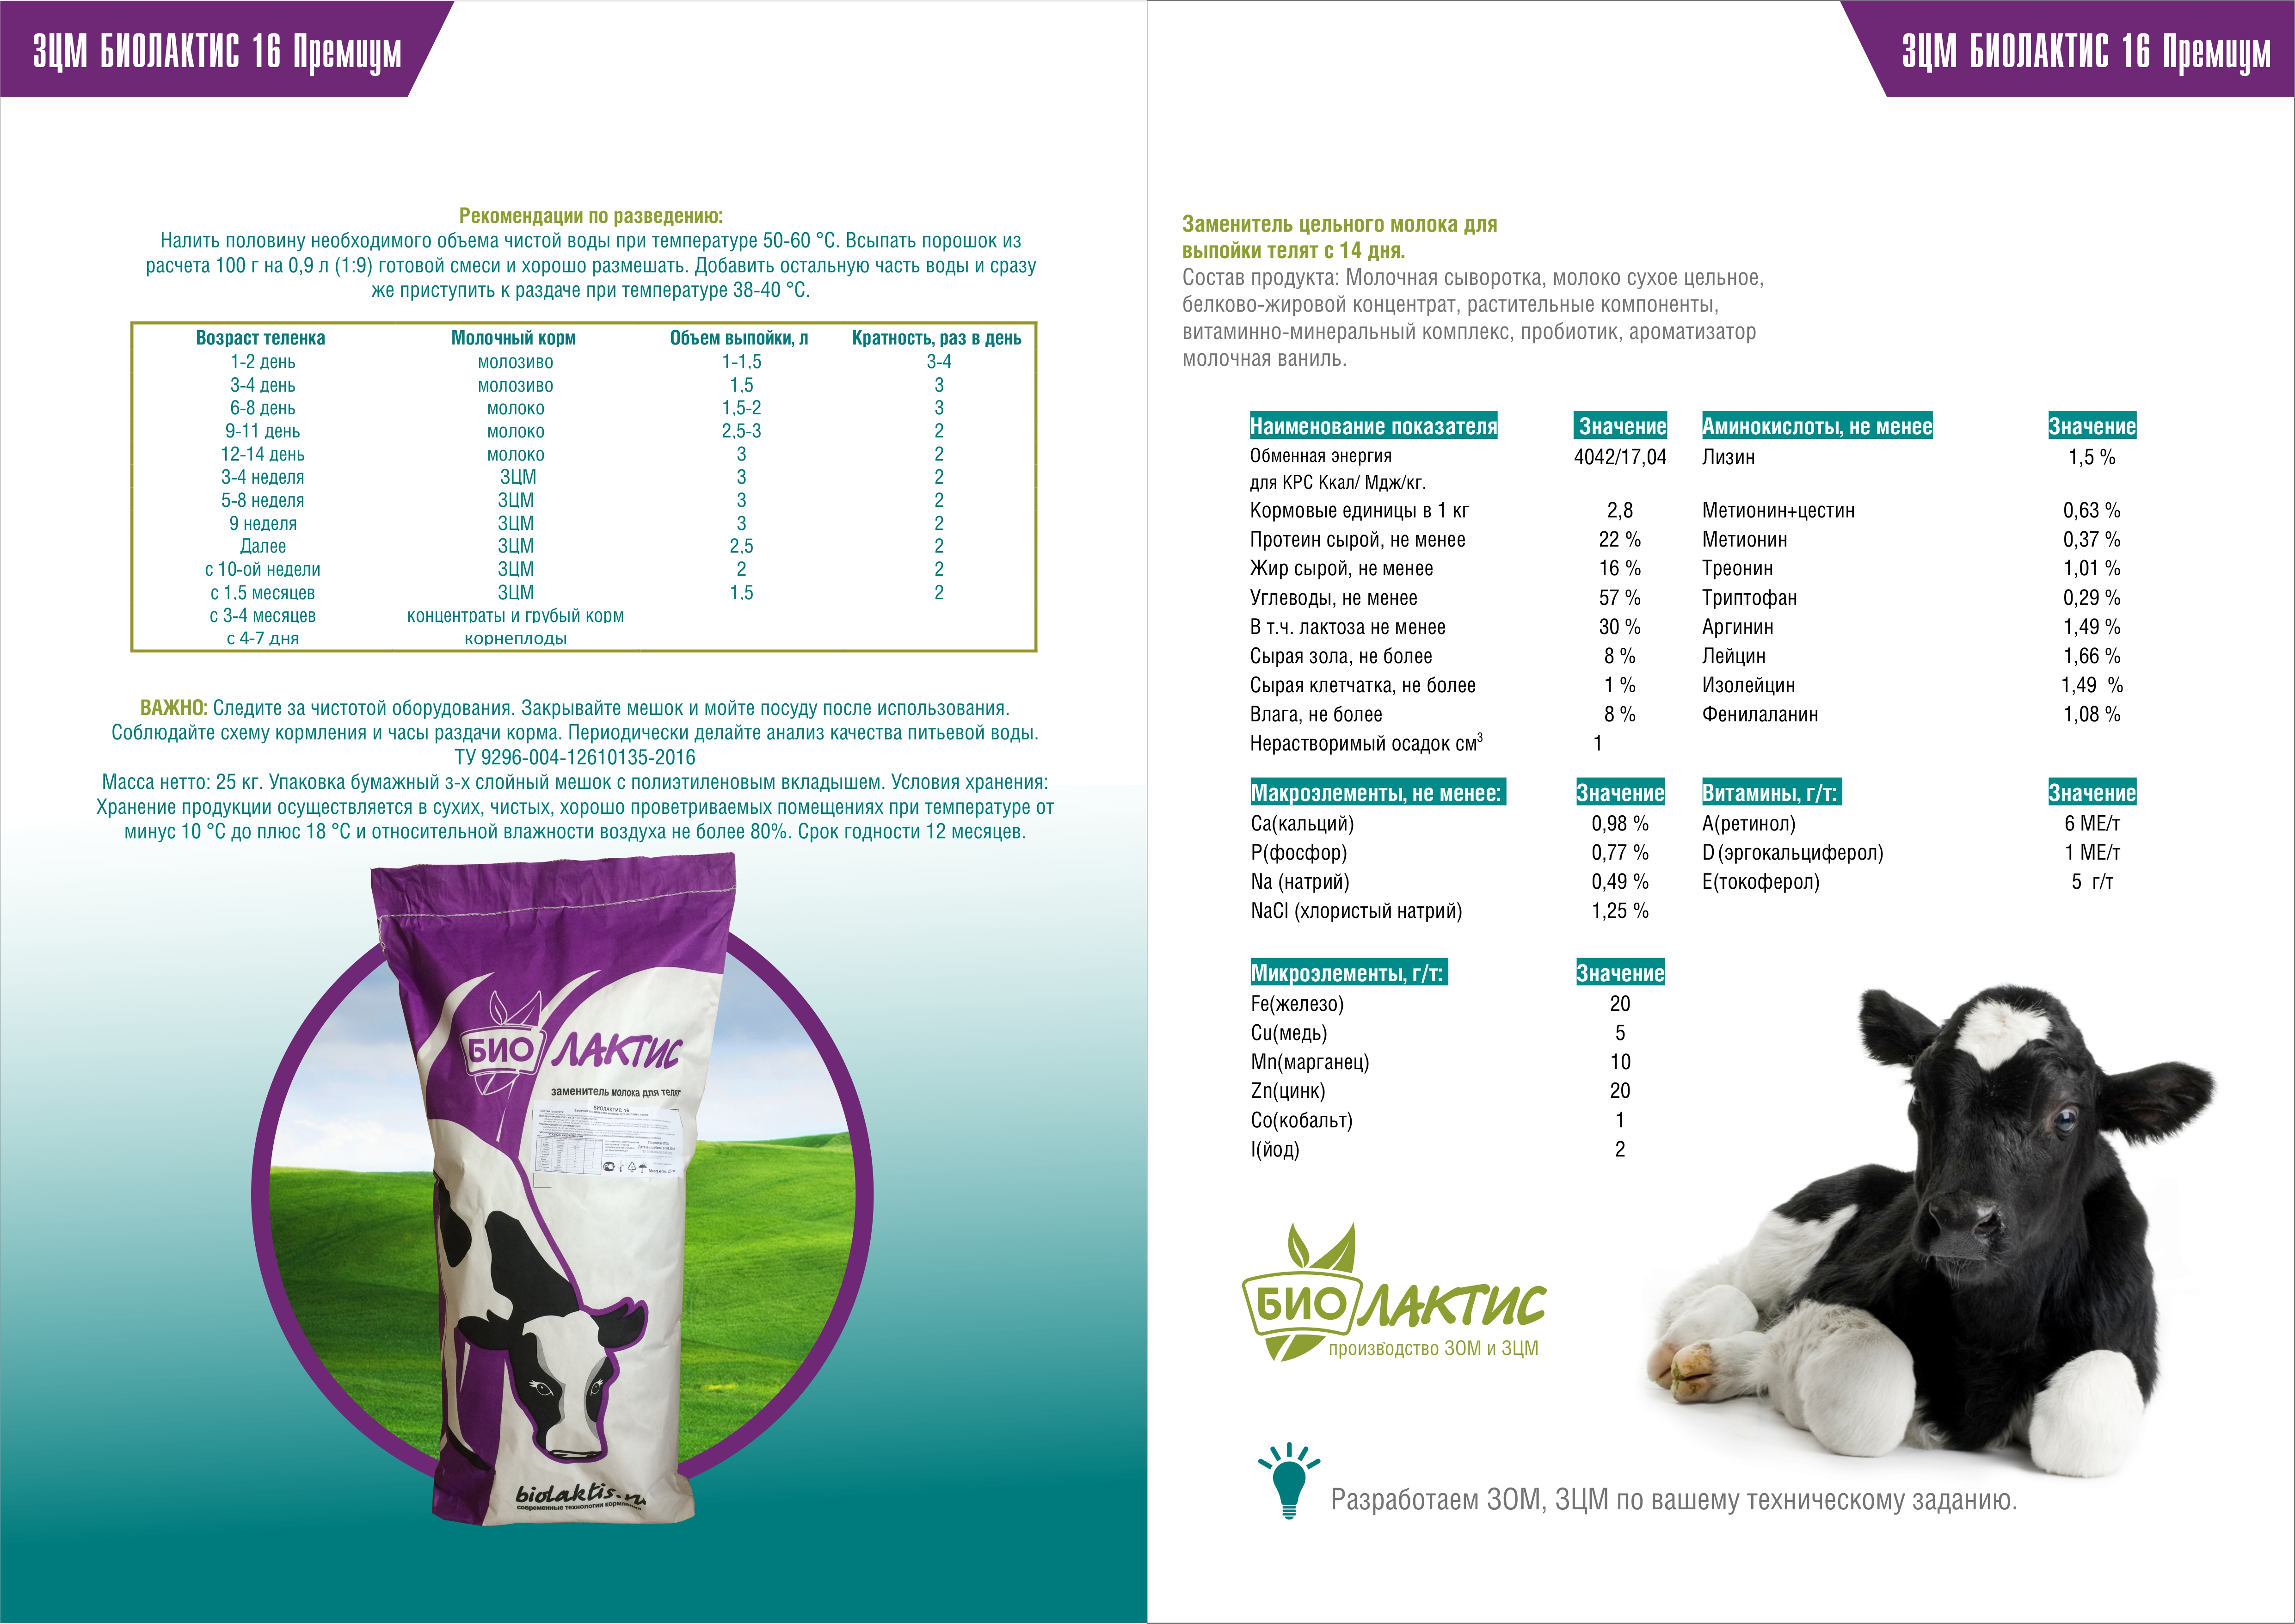 Зцм: заменитель цельного молока для поросят, кормилак, как разводить, инструкция по применению сухого молока